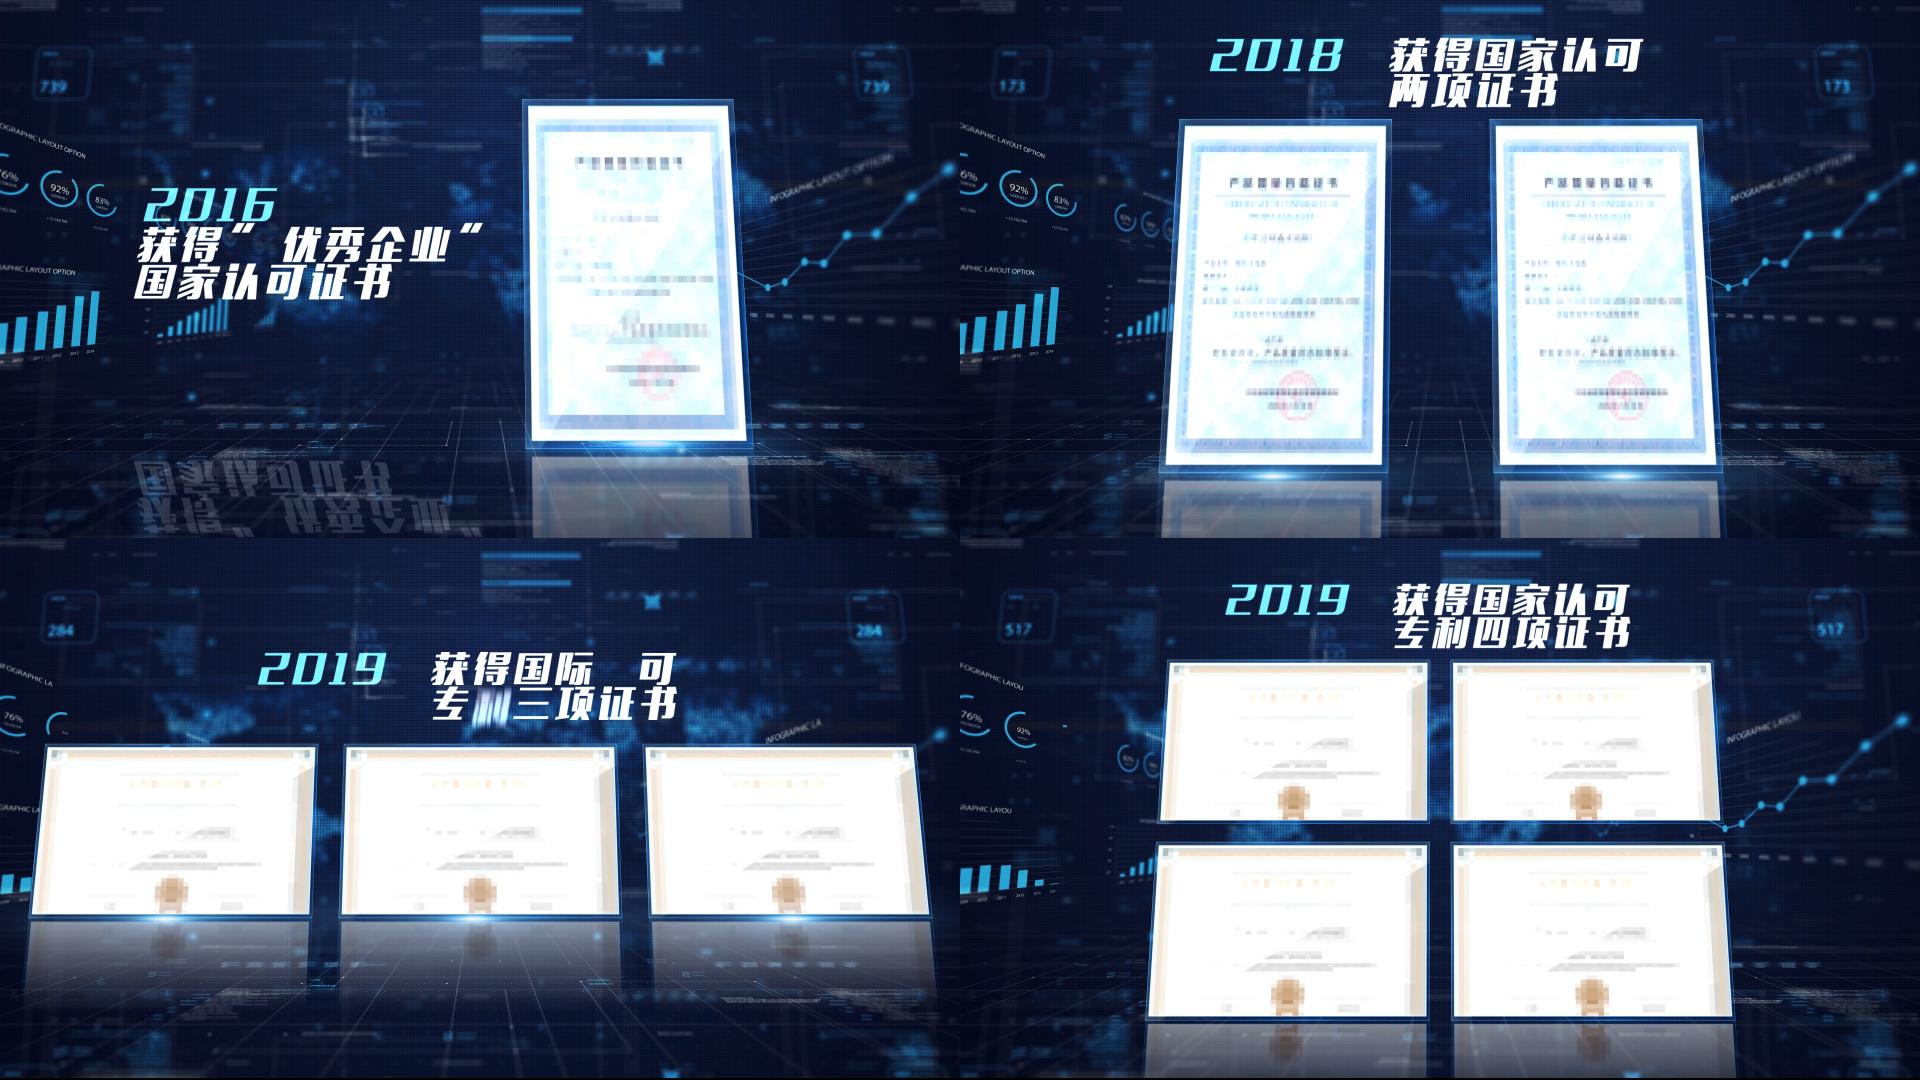 科技证书文字图片展示包装